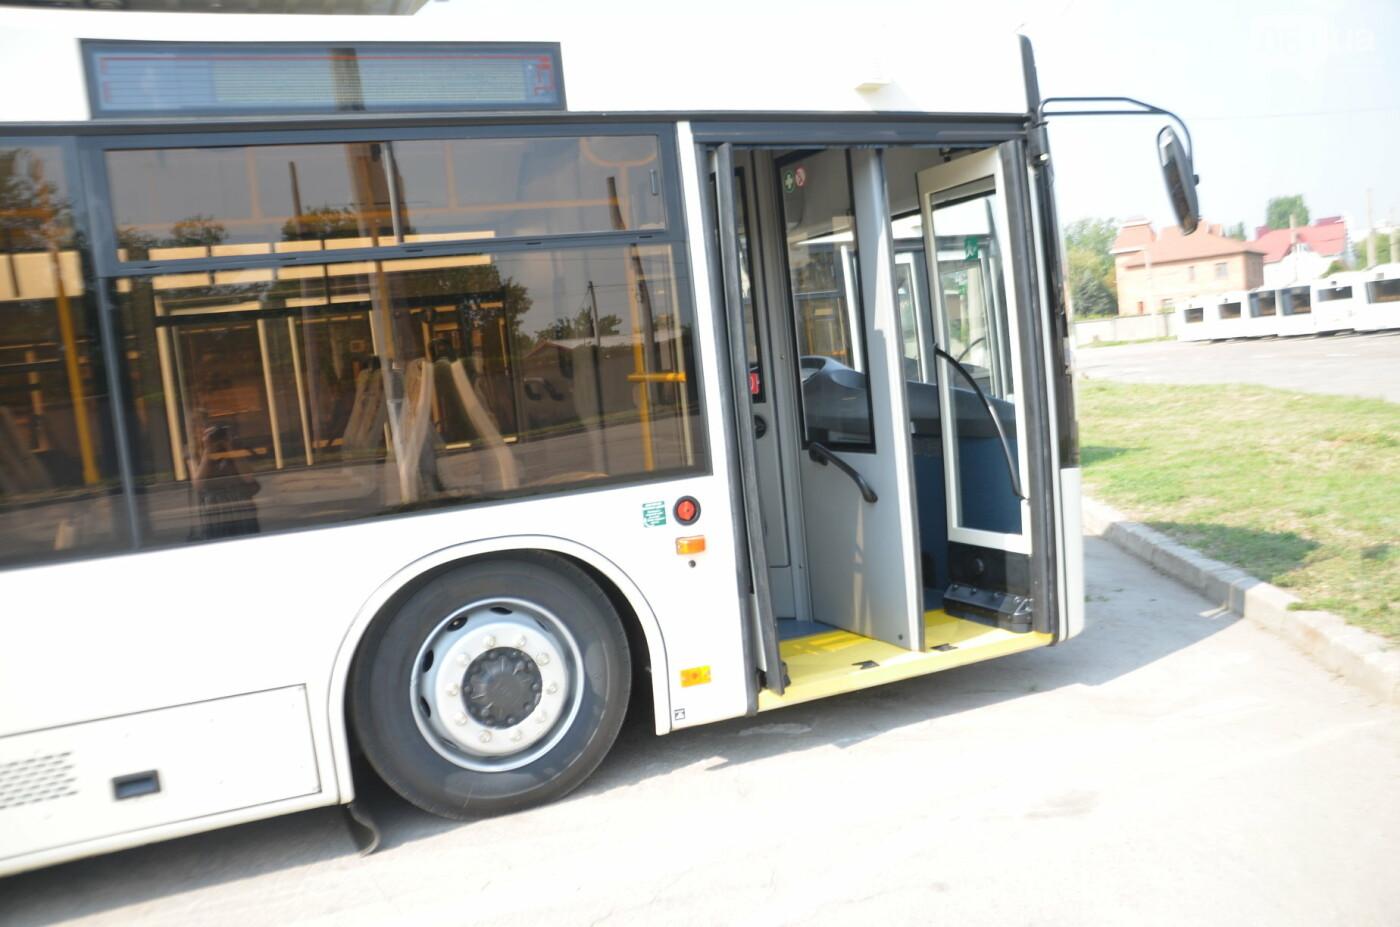 В Запорожье на линию выйдут пять новых троллейбусов с автономным ходом, - ФОТОРЕПОРТАЖ, фото-7